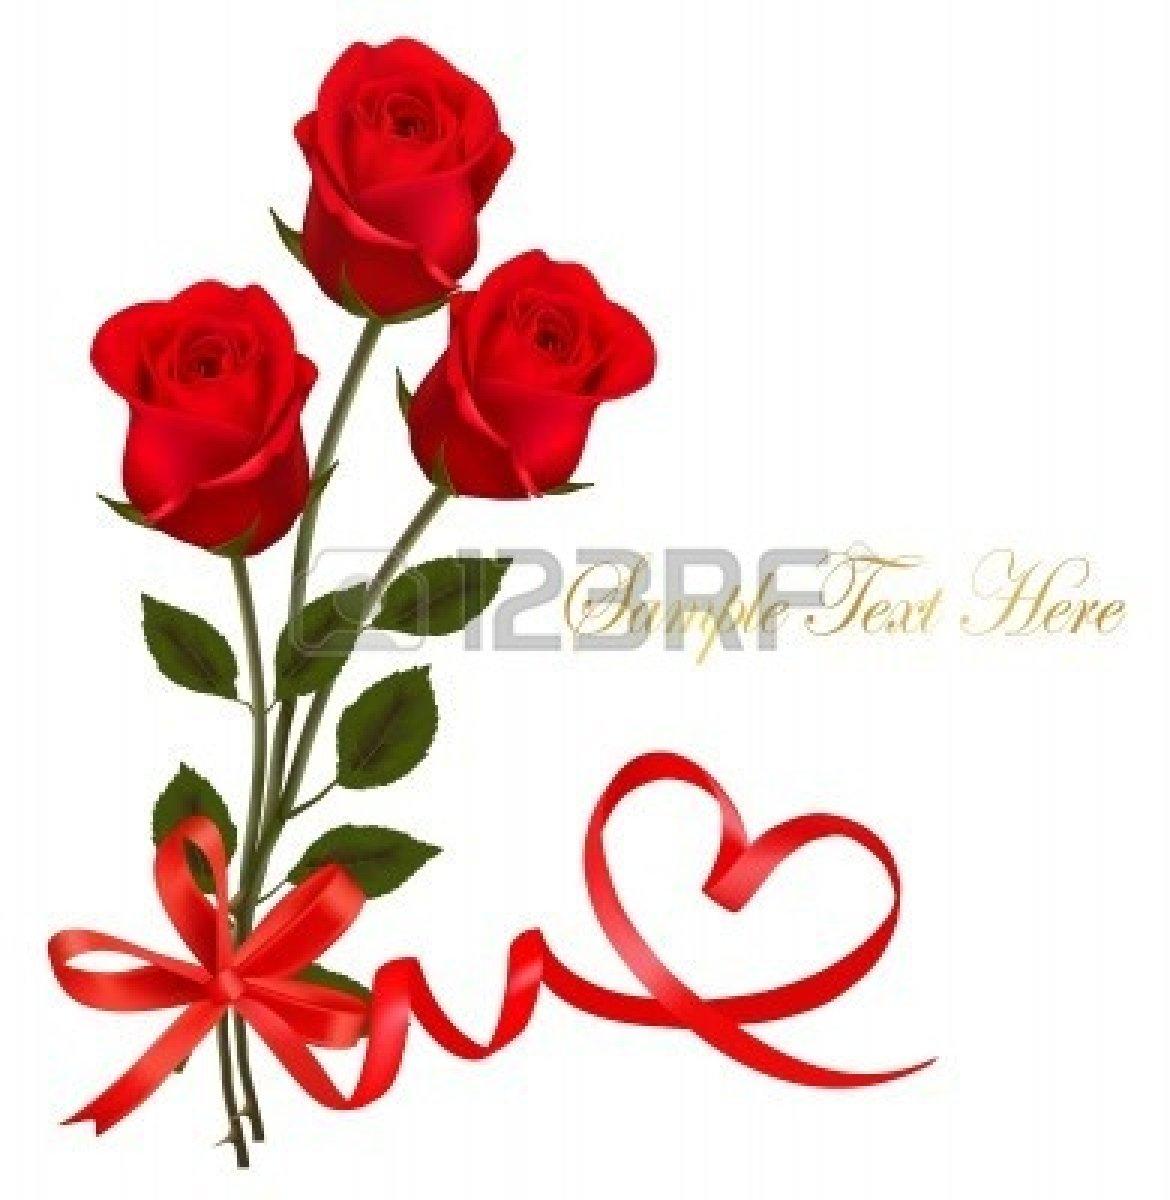 ... > Forum VietnamHình ảnh > Hình nền cho Blog bởi St Valentin